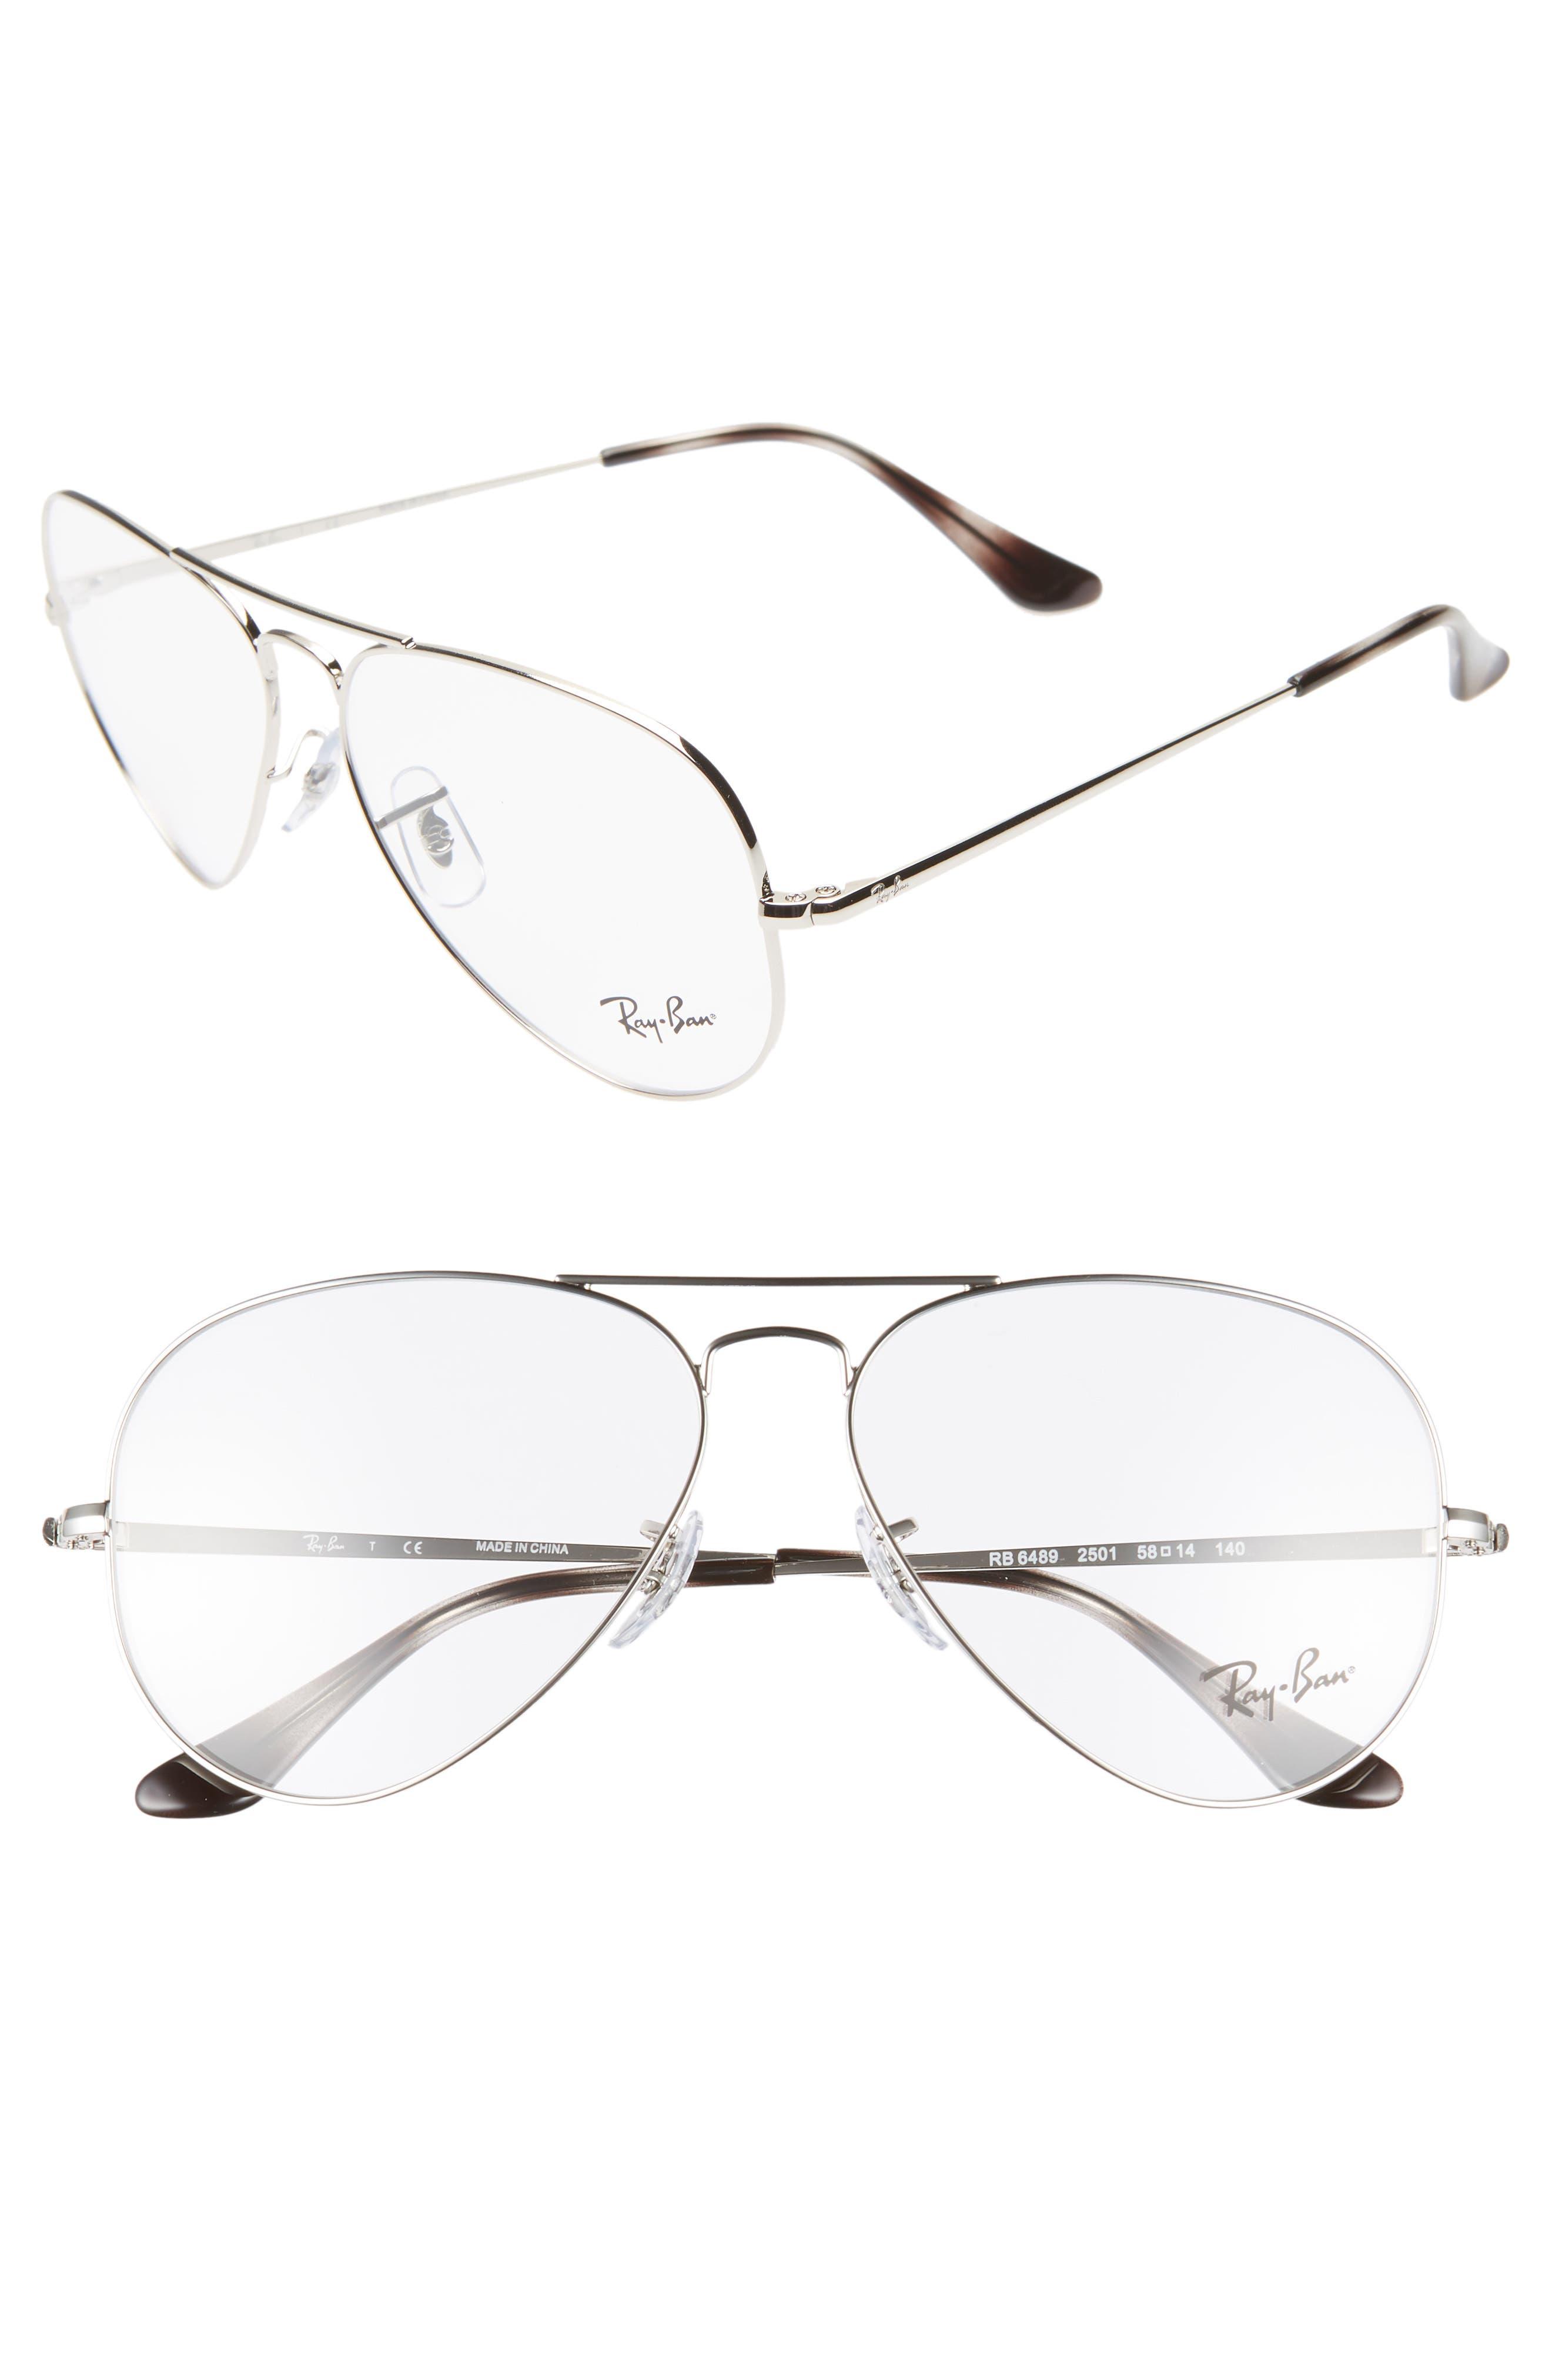 5efe503decd26 Women s Wide (55-59Mm) Eyeglasses